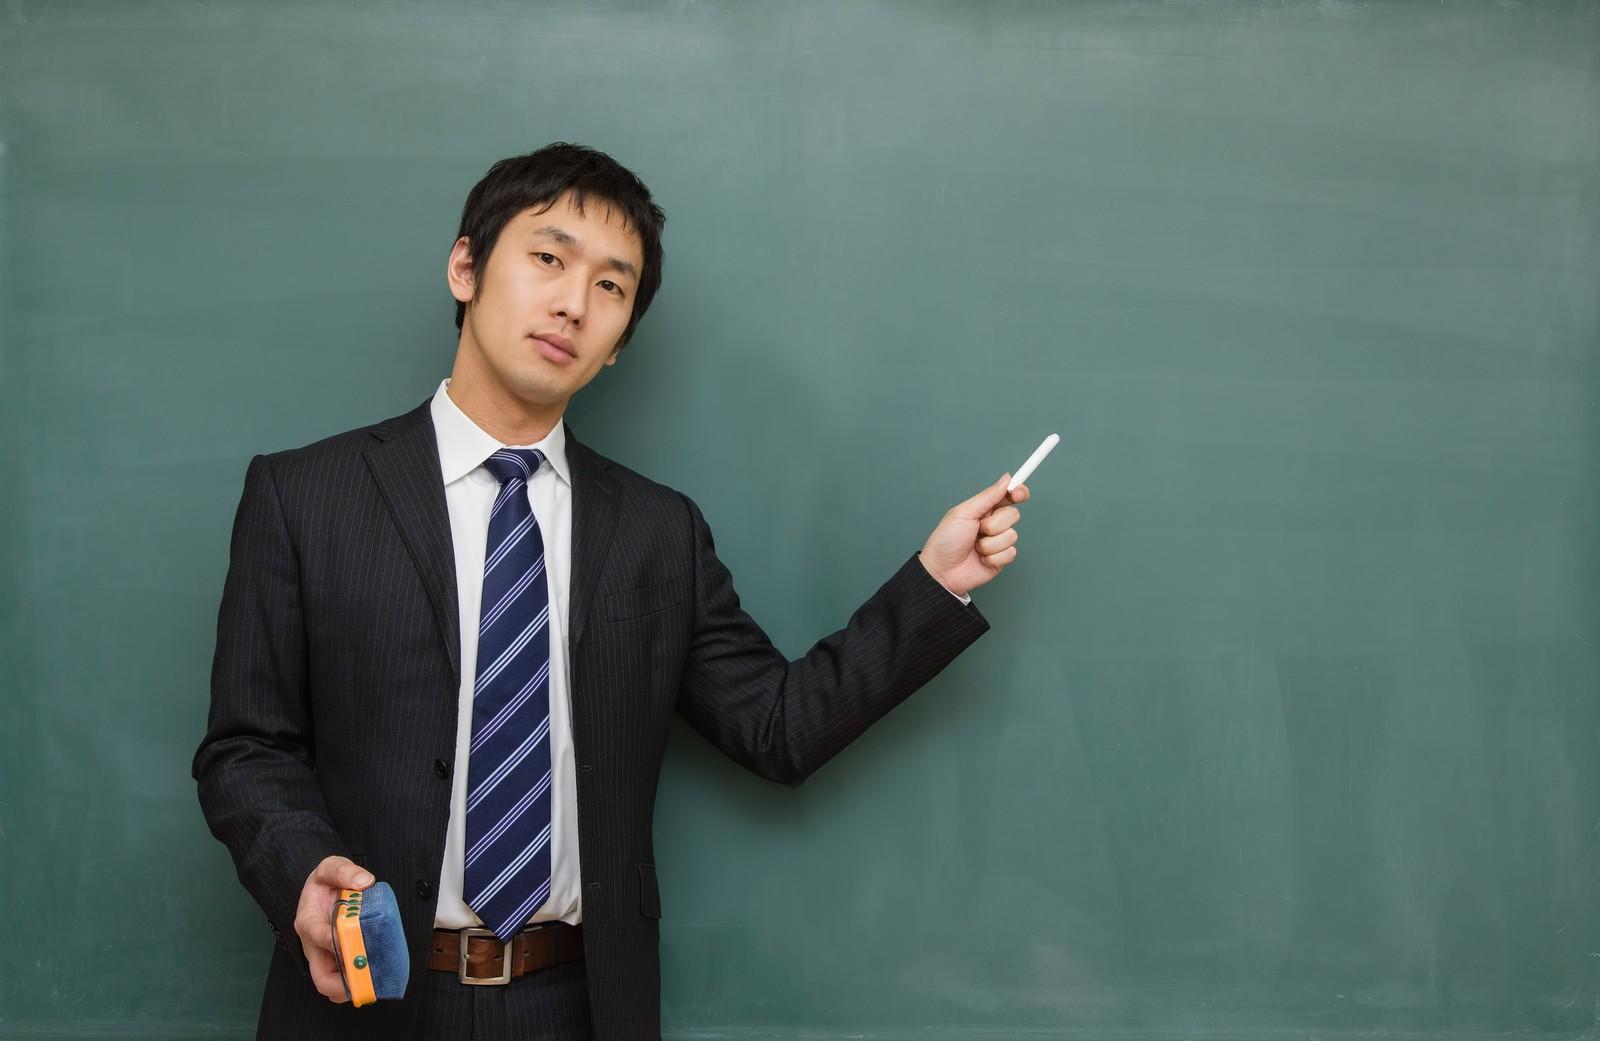 生徒に教える先生